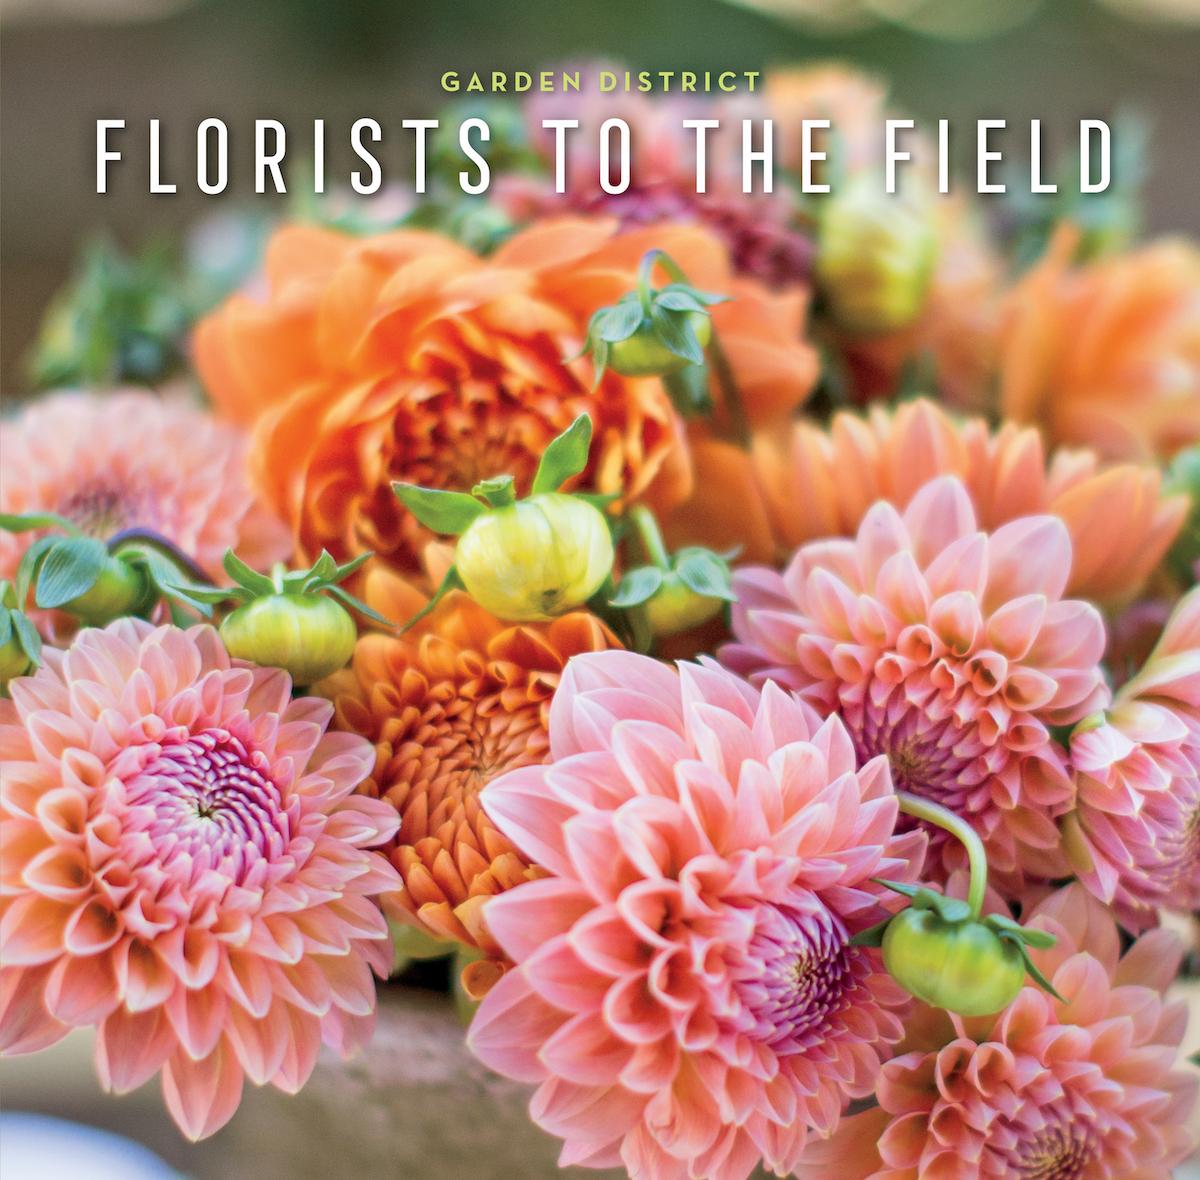 Memphis Garden District, Florist to the Field